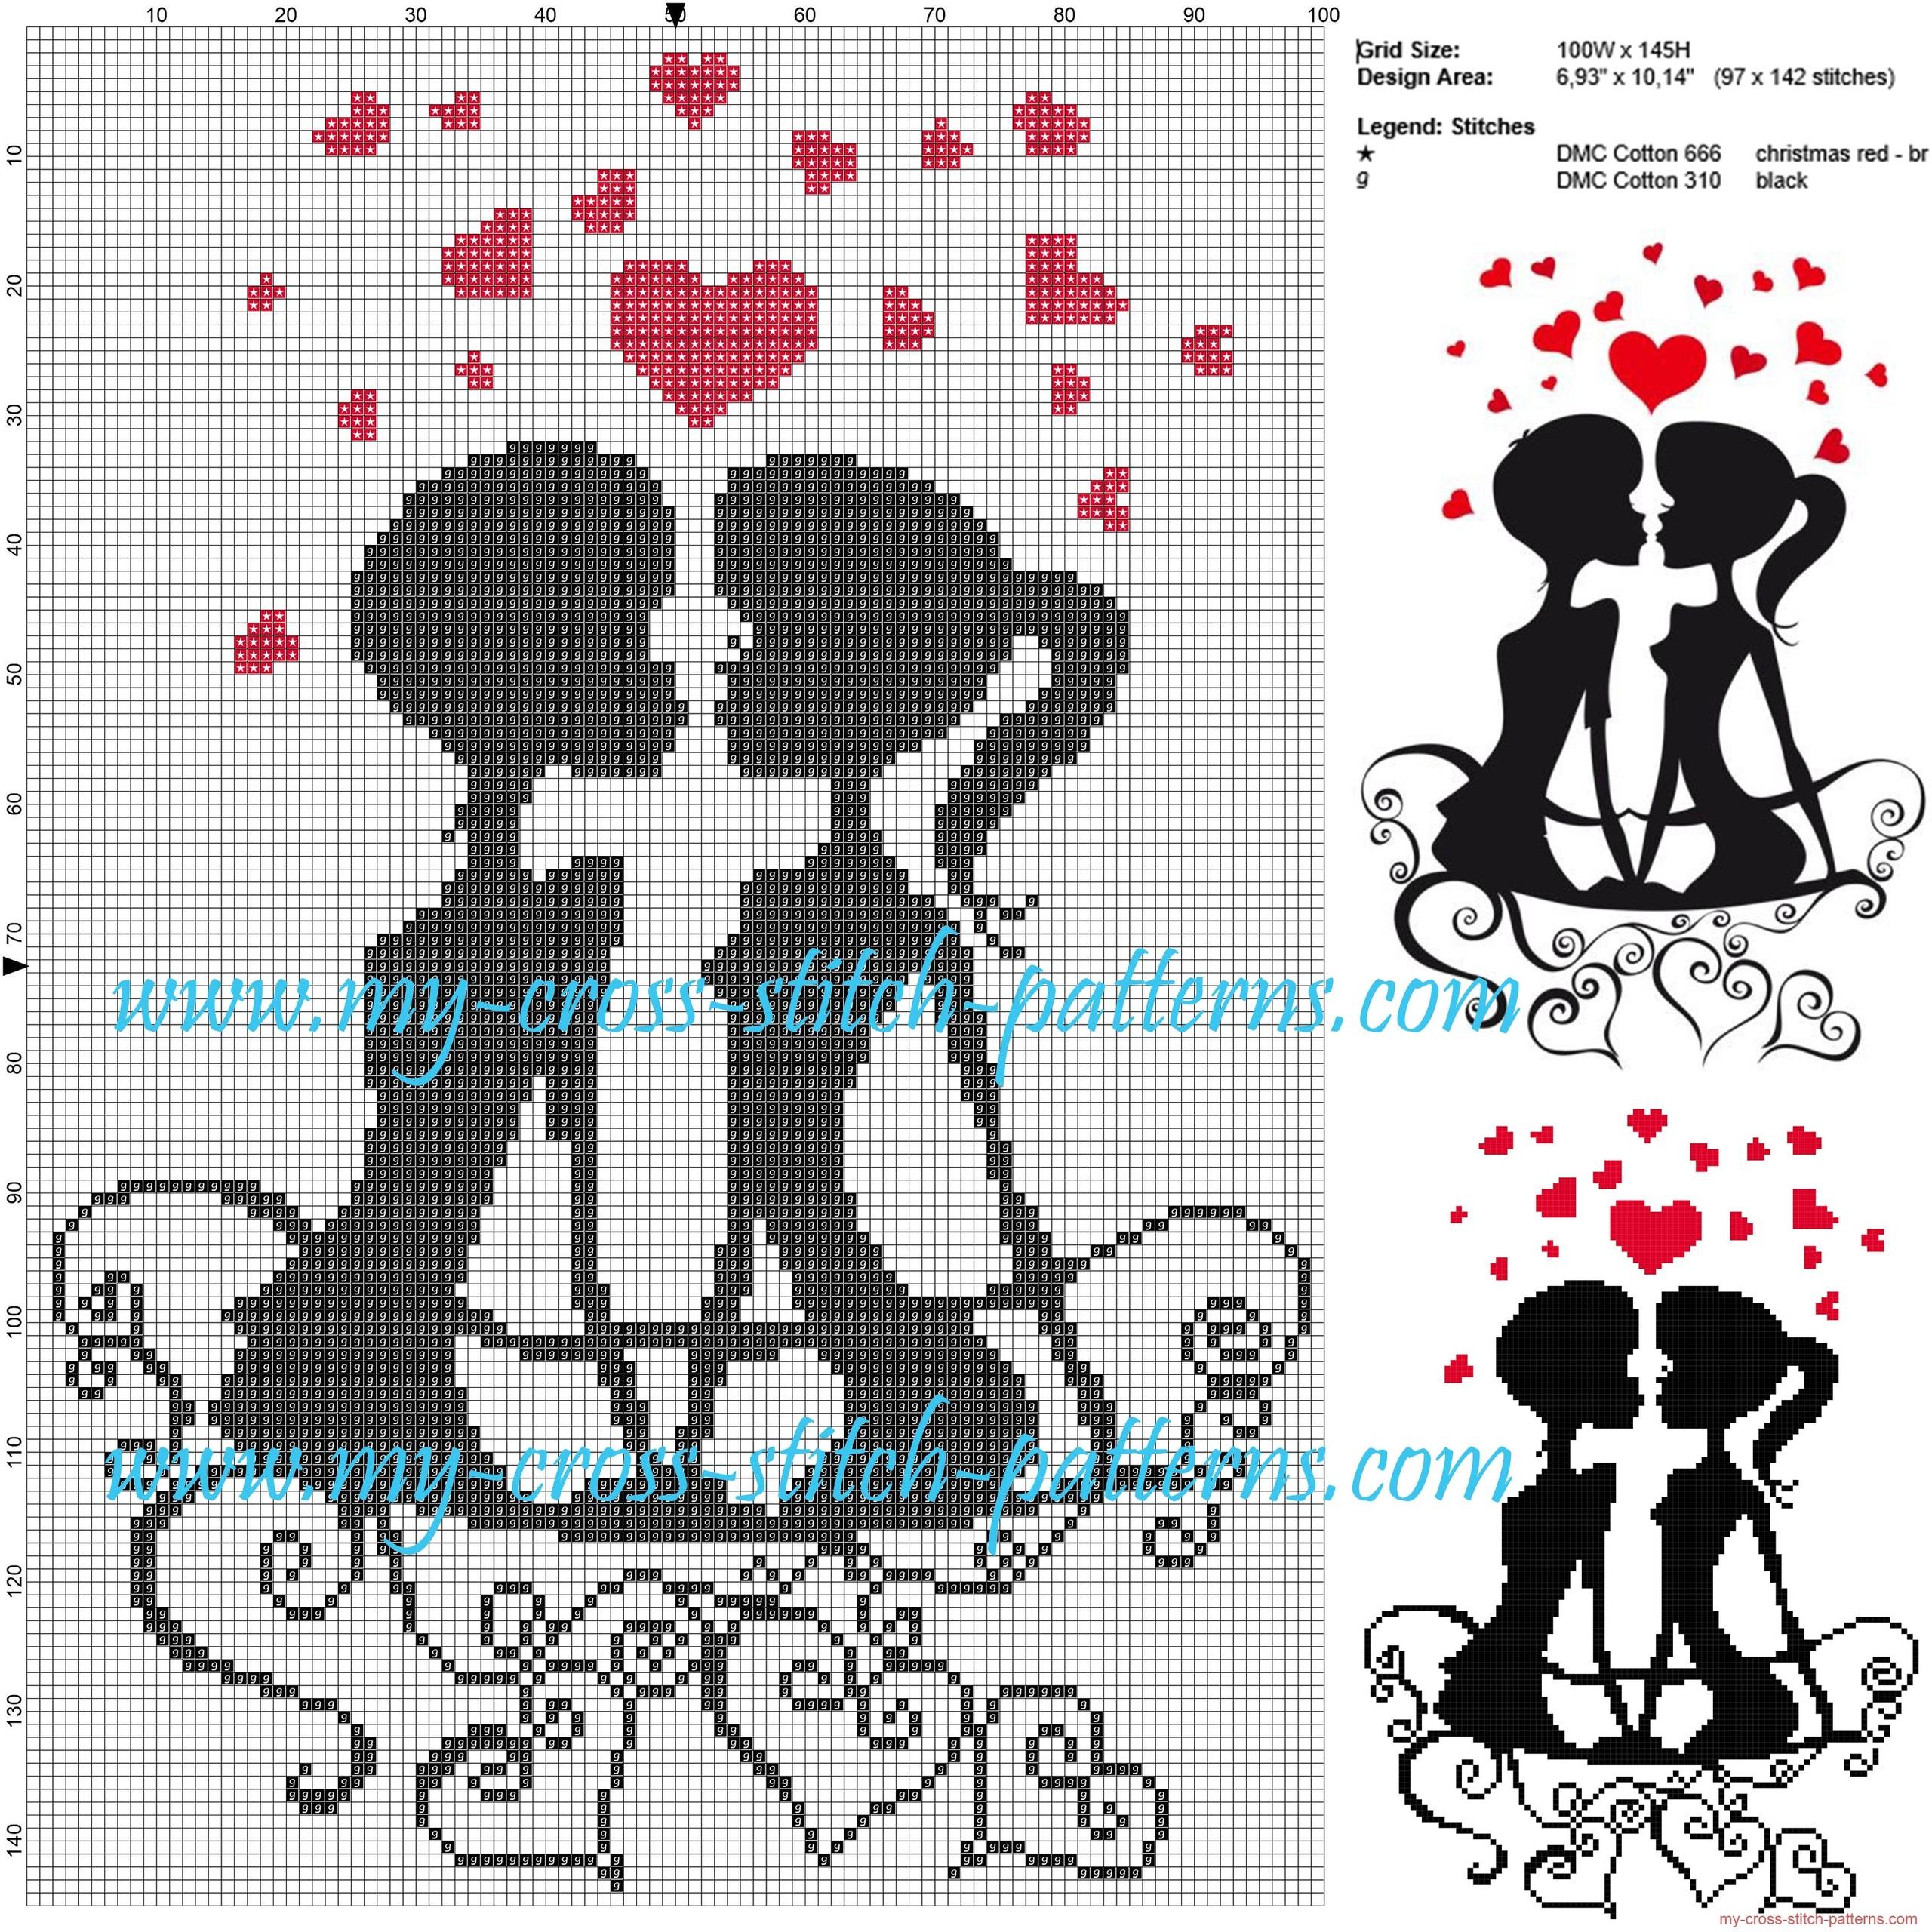 couple_cross_stitch_pattern_